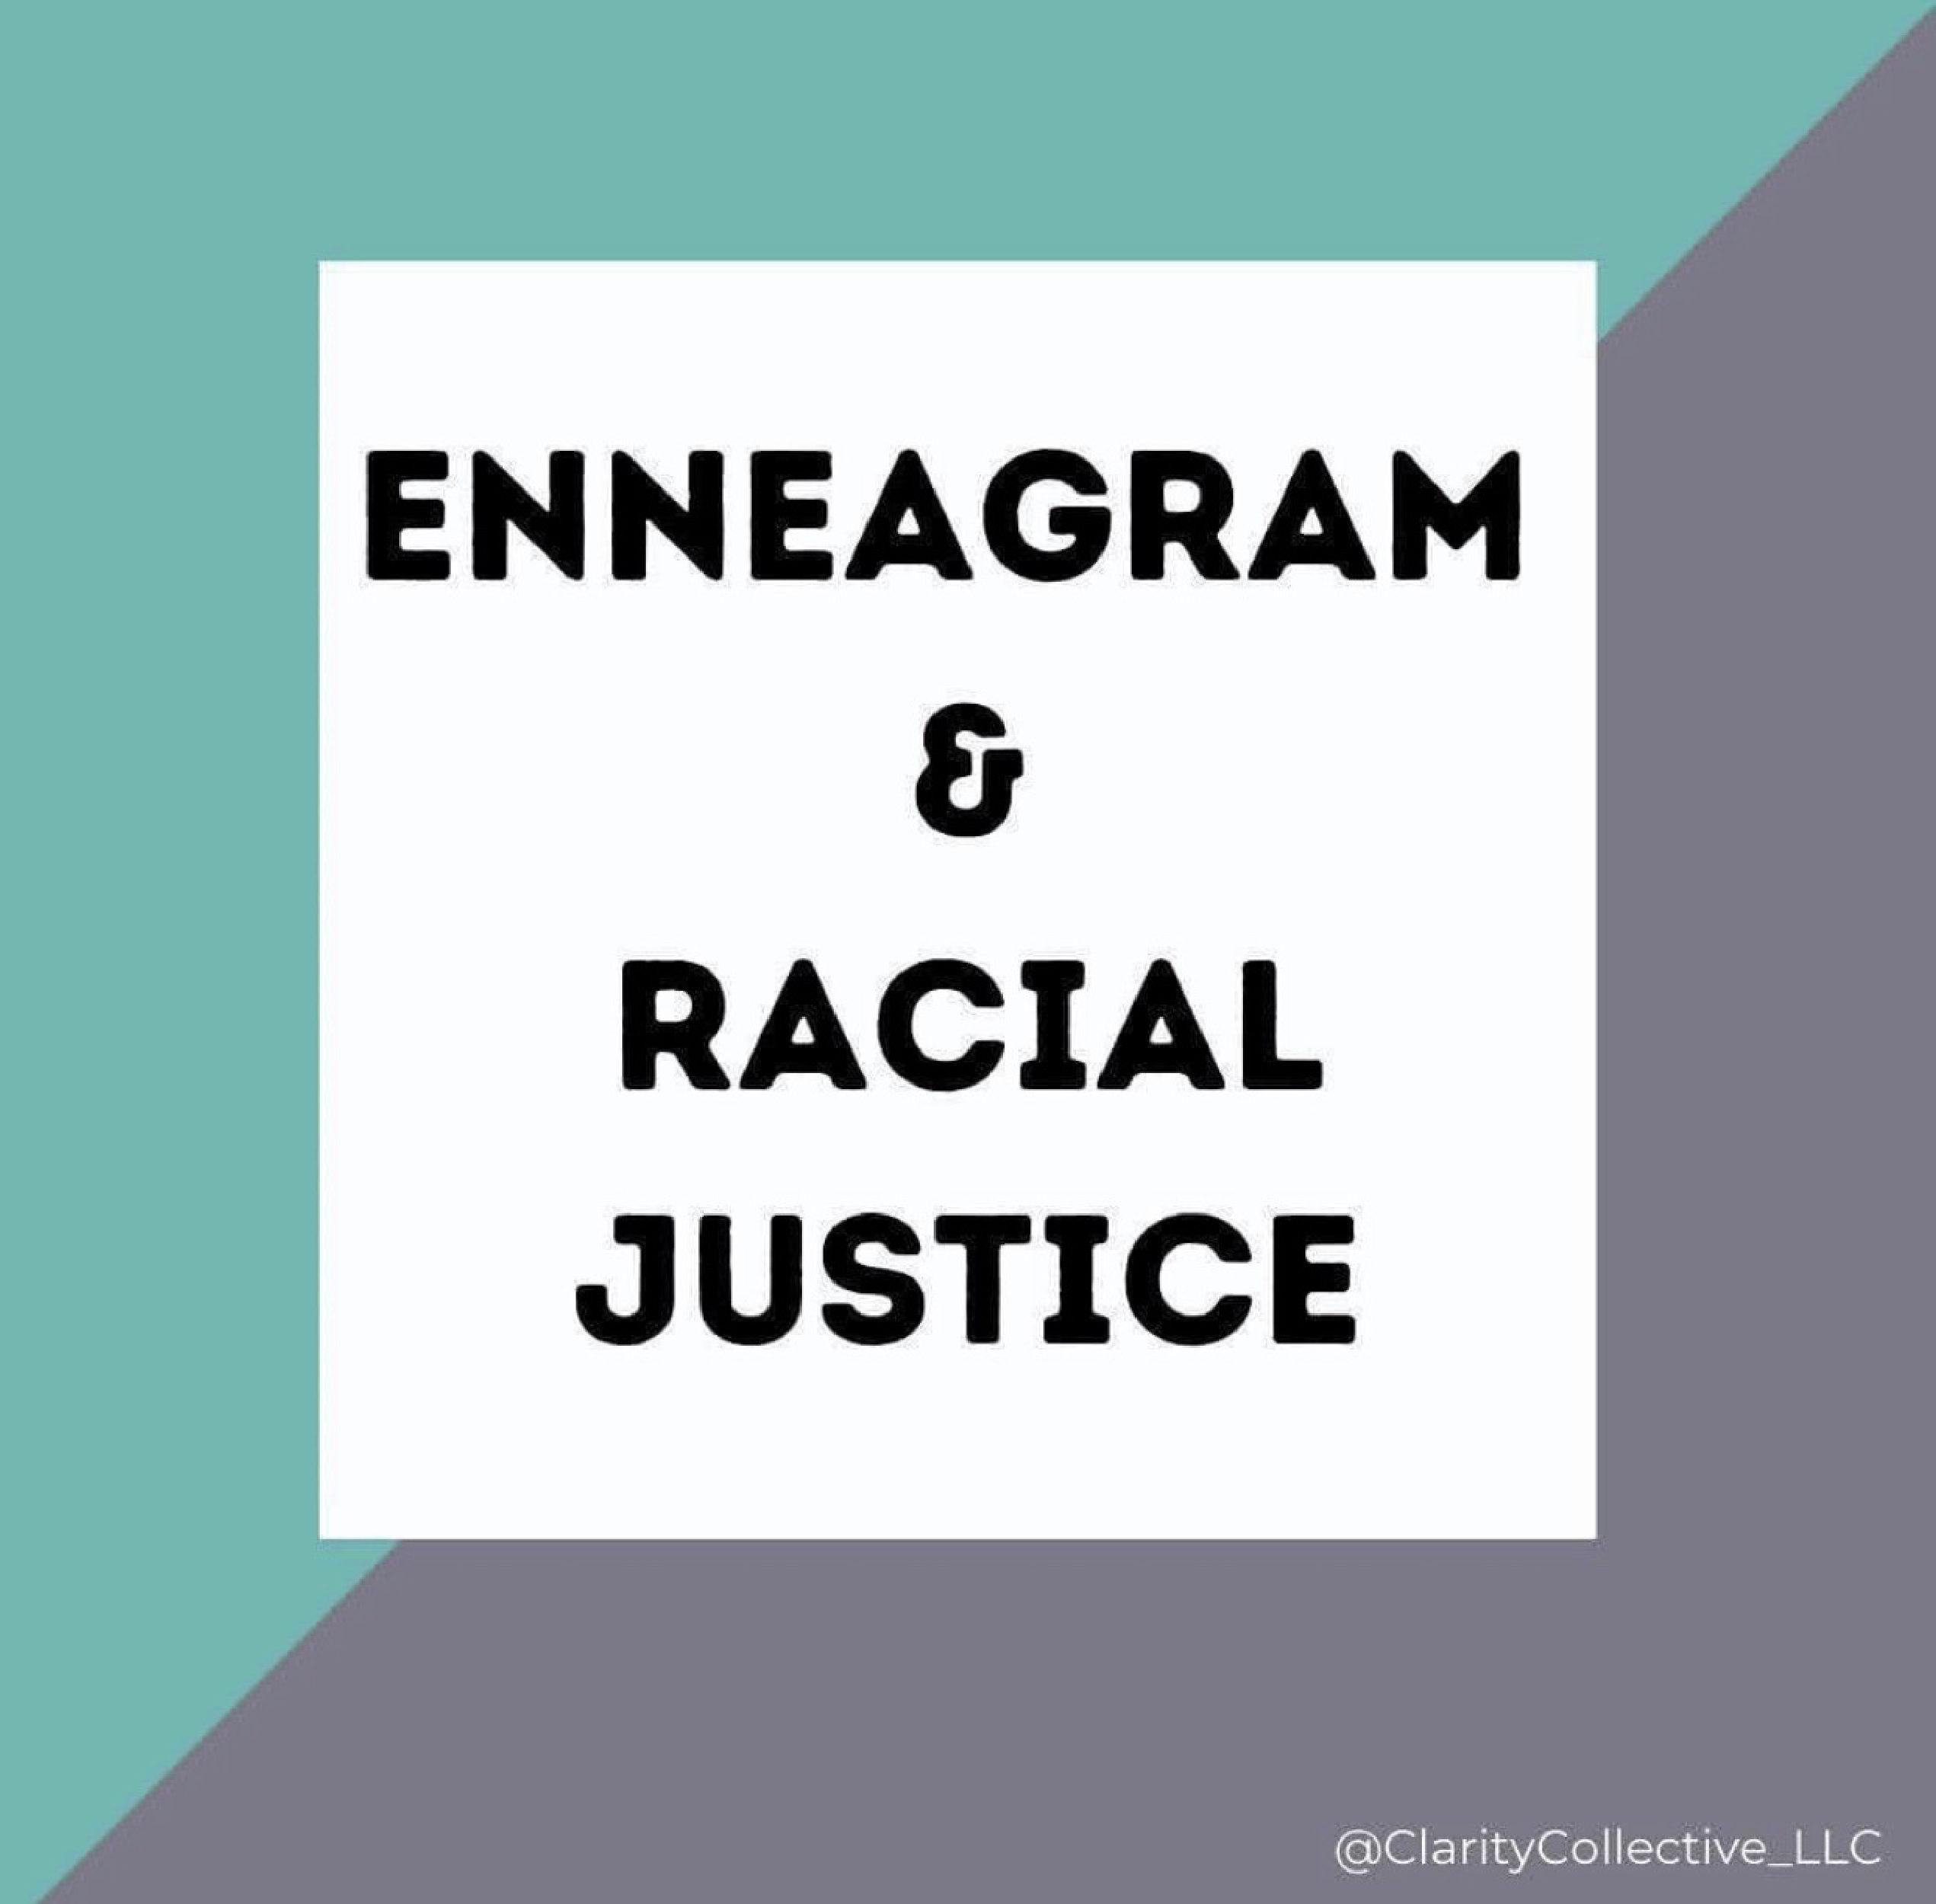 Enneagram & Racial Justice